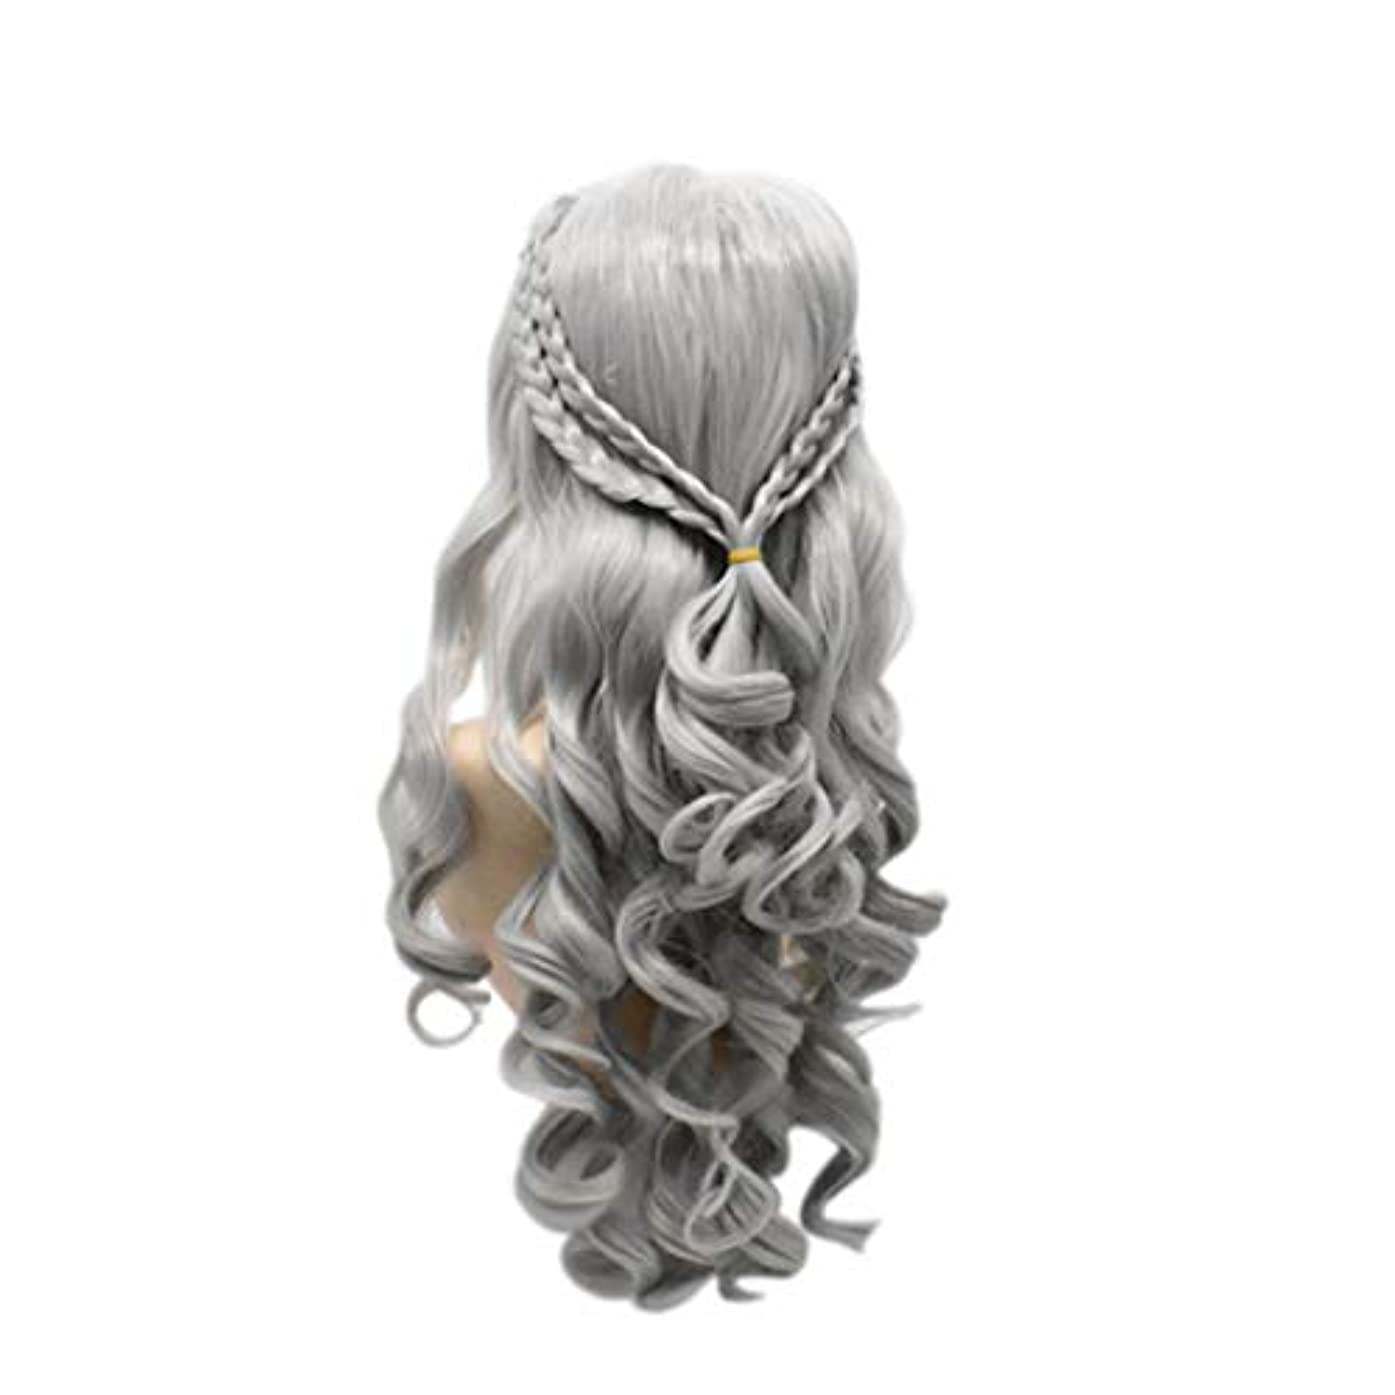 バングアブストラクト呼ぶ女性のための長い巻き毛のかつら気質顔ハイエンドのかつら自然に見える耐熱合成ファッションかつらコスプレ,Metallic